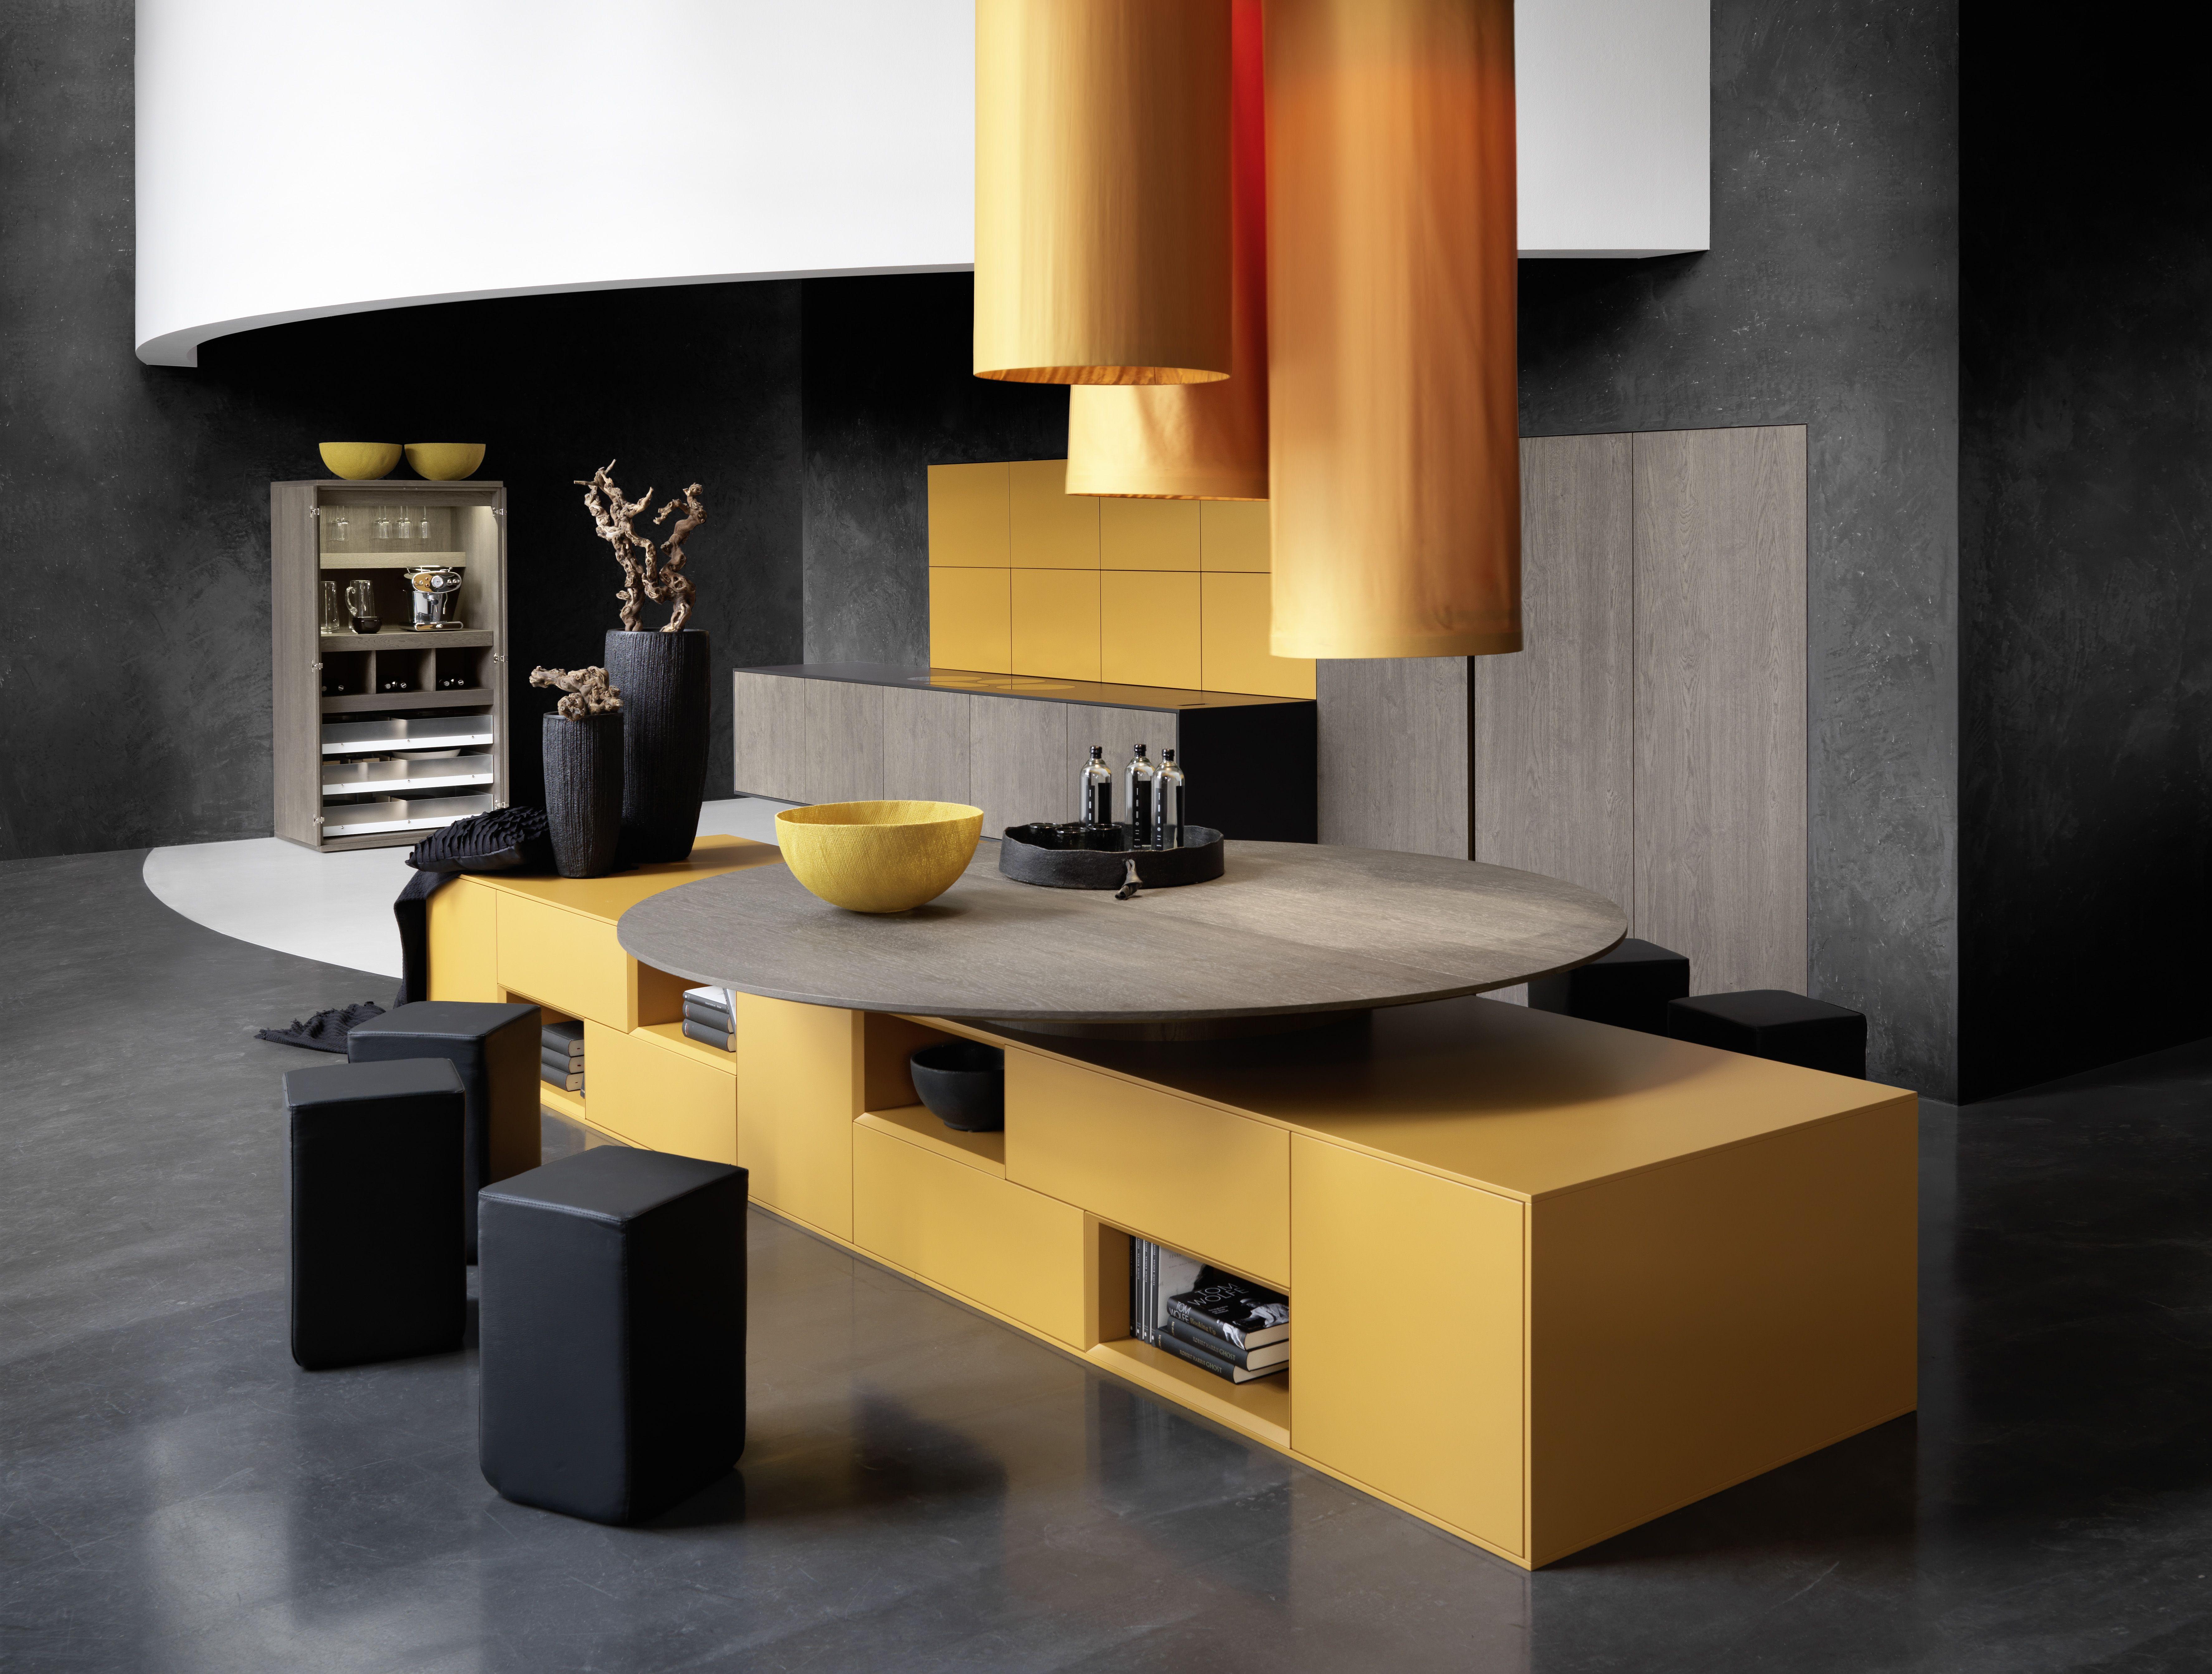 Luxury Kitchen Designs 2013 luxury kitchen | palazzo kitchens and appliances | designer